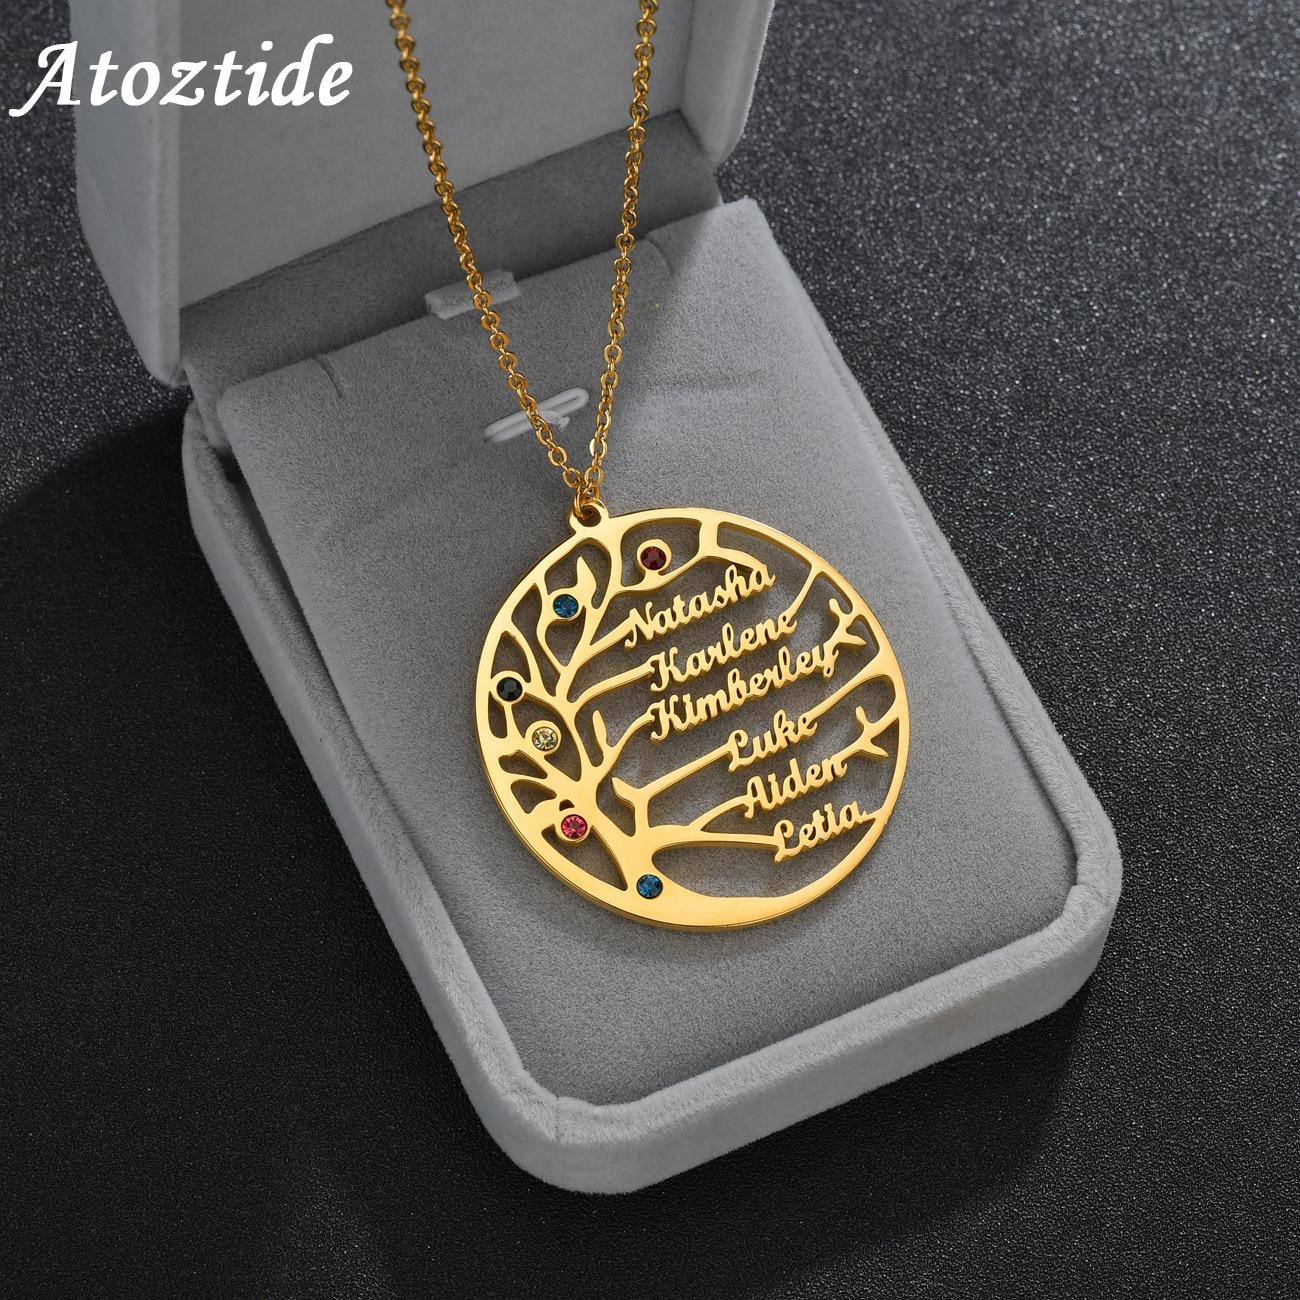 Leben Baum Familie 1-6 Namen Halskette Personalisierte Edelstahl Goldene Typenschild mit Birthstone Für Frauen Männer Geburtstag Geschenk